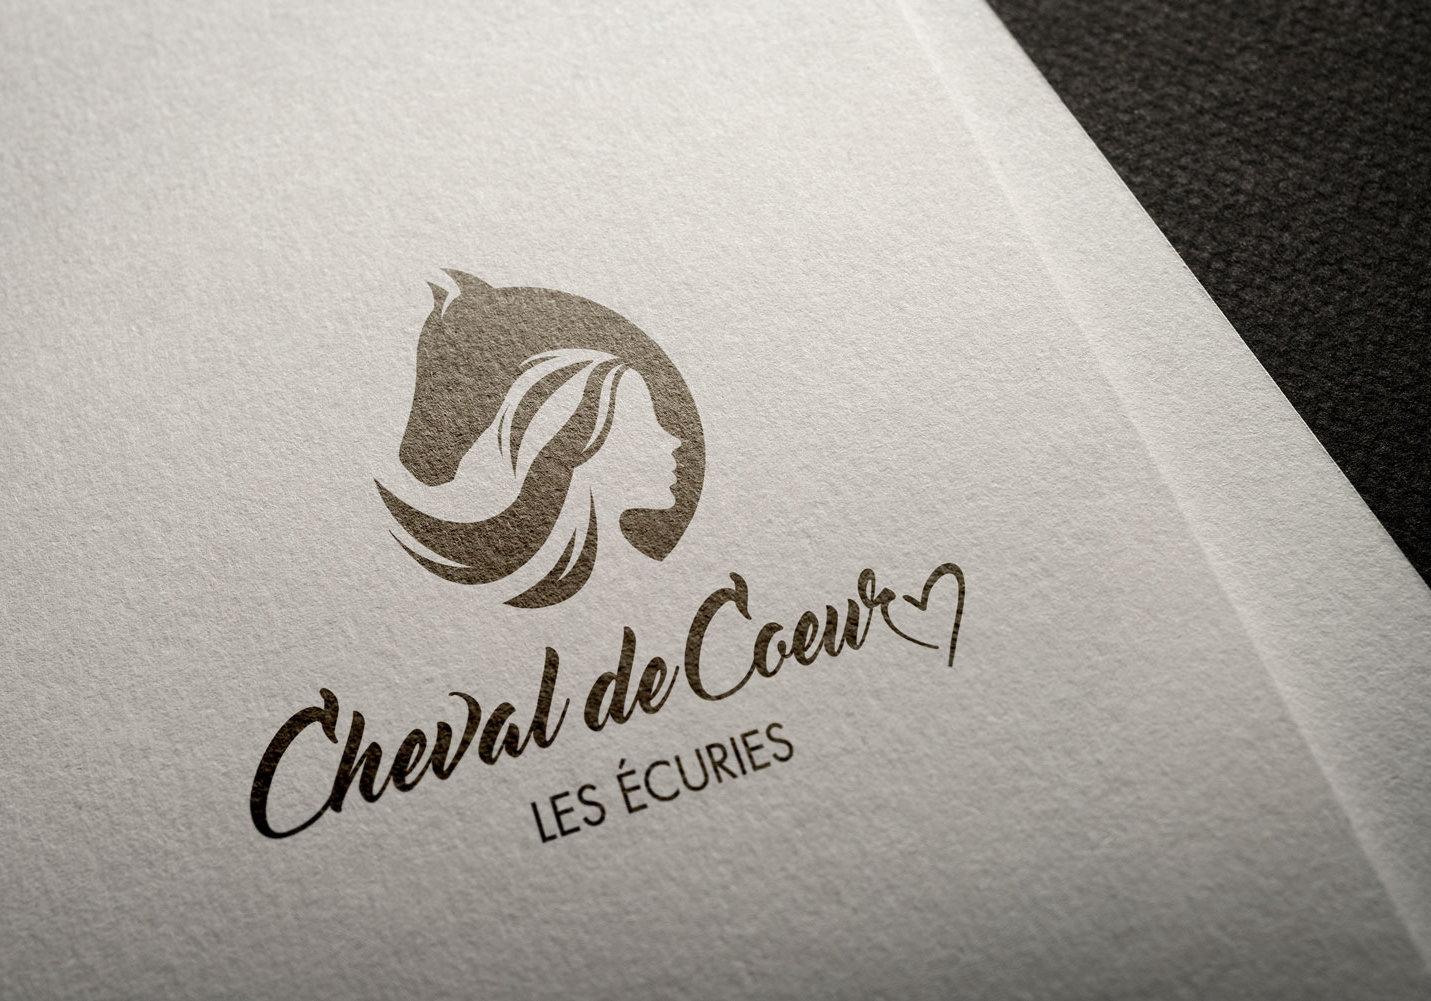 Logo-Ecuries-Cheval-de-Coeur